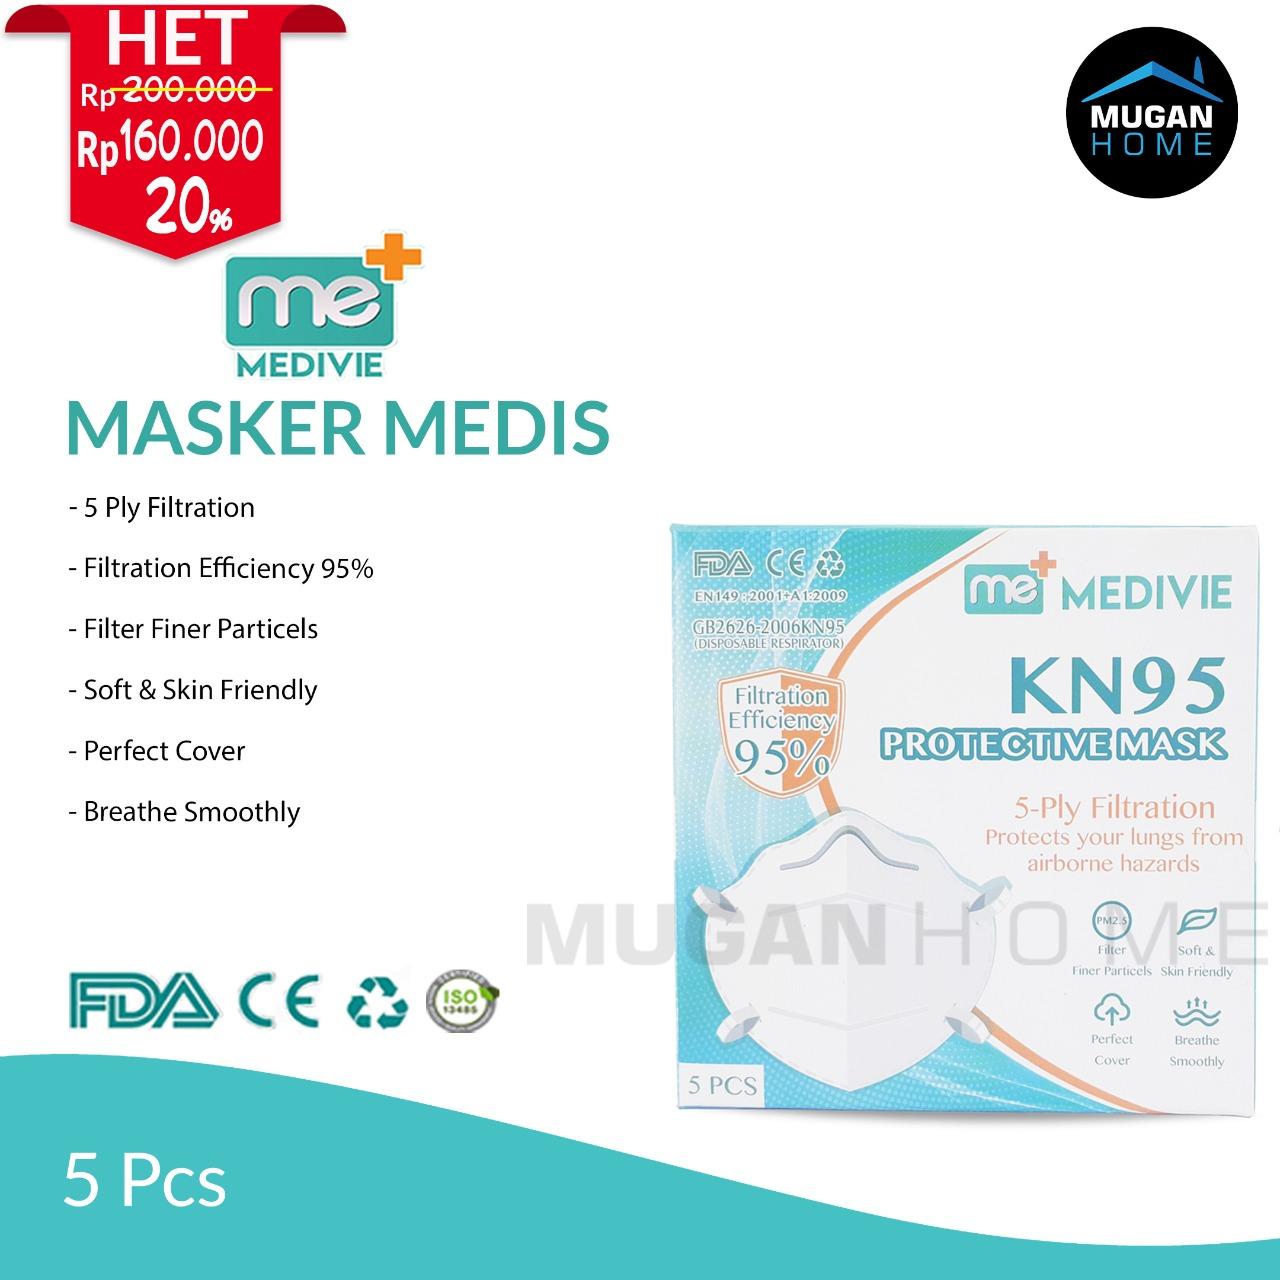 MEDIVIE MEDICAL KN95 PROTECTIVE MASK 5PCS